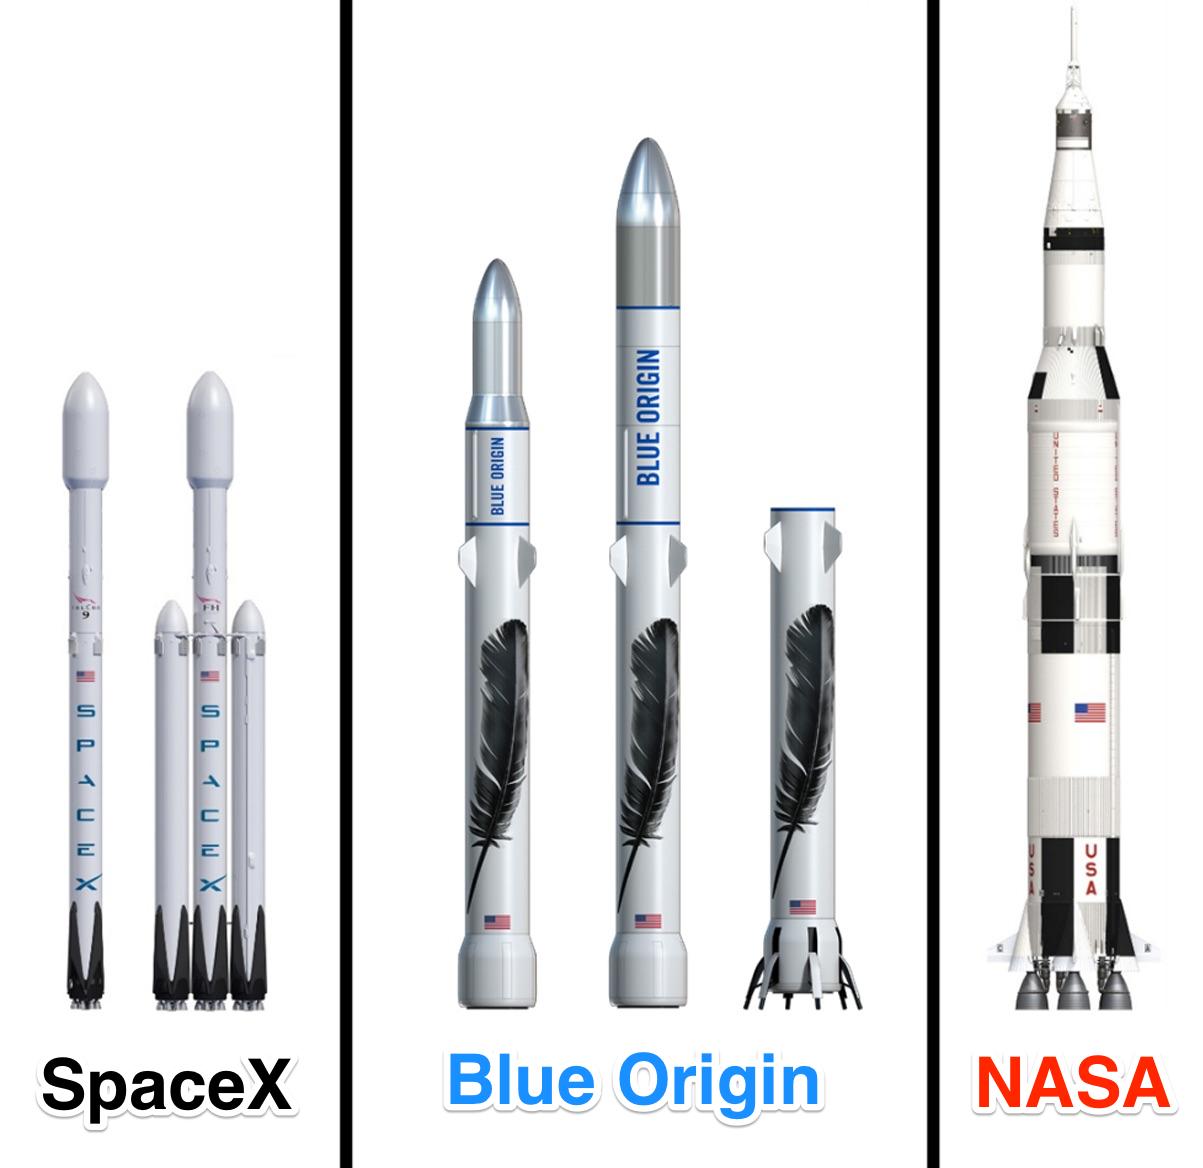 blue origin spacex nasa rockets compared - Blue Origin PNG